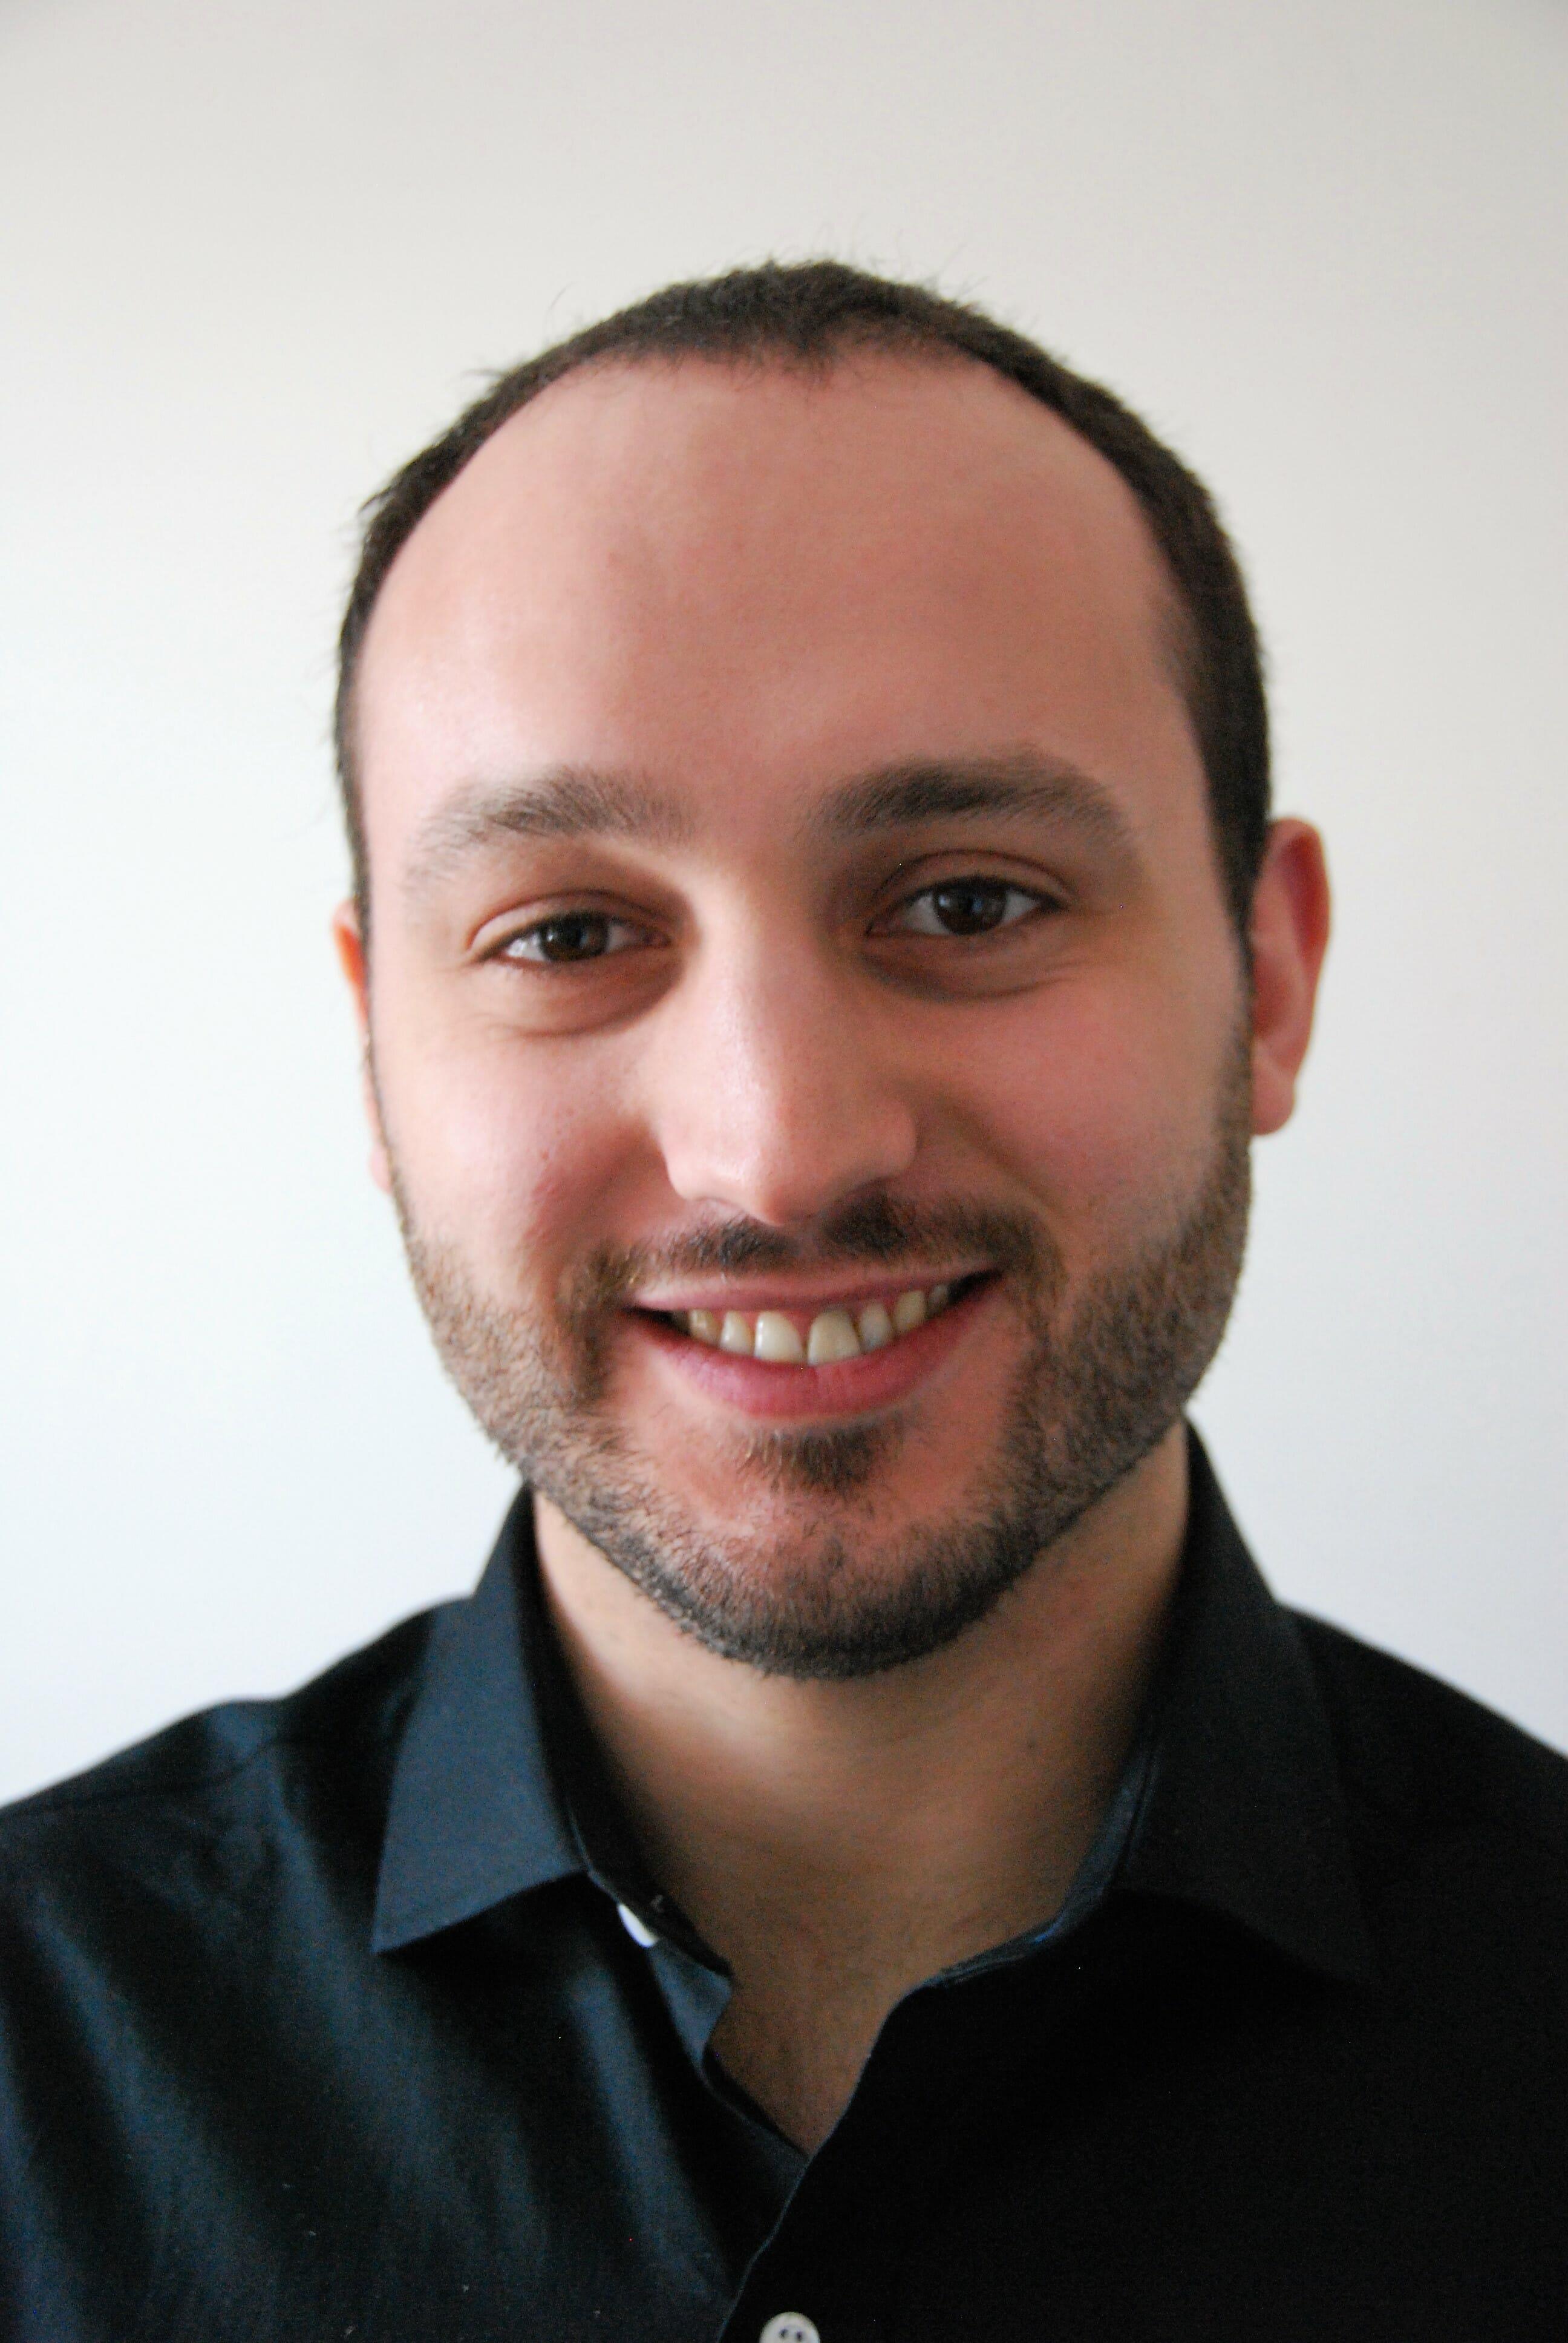 Louis Zatzman